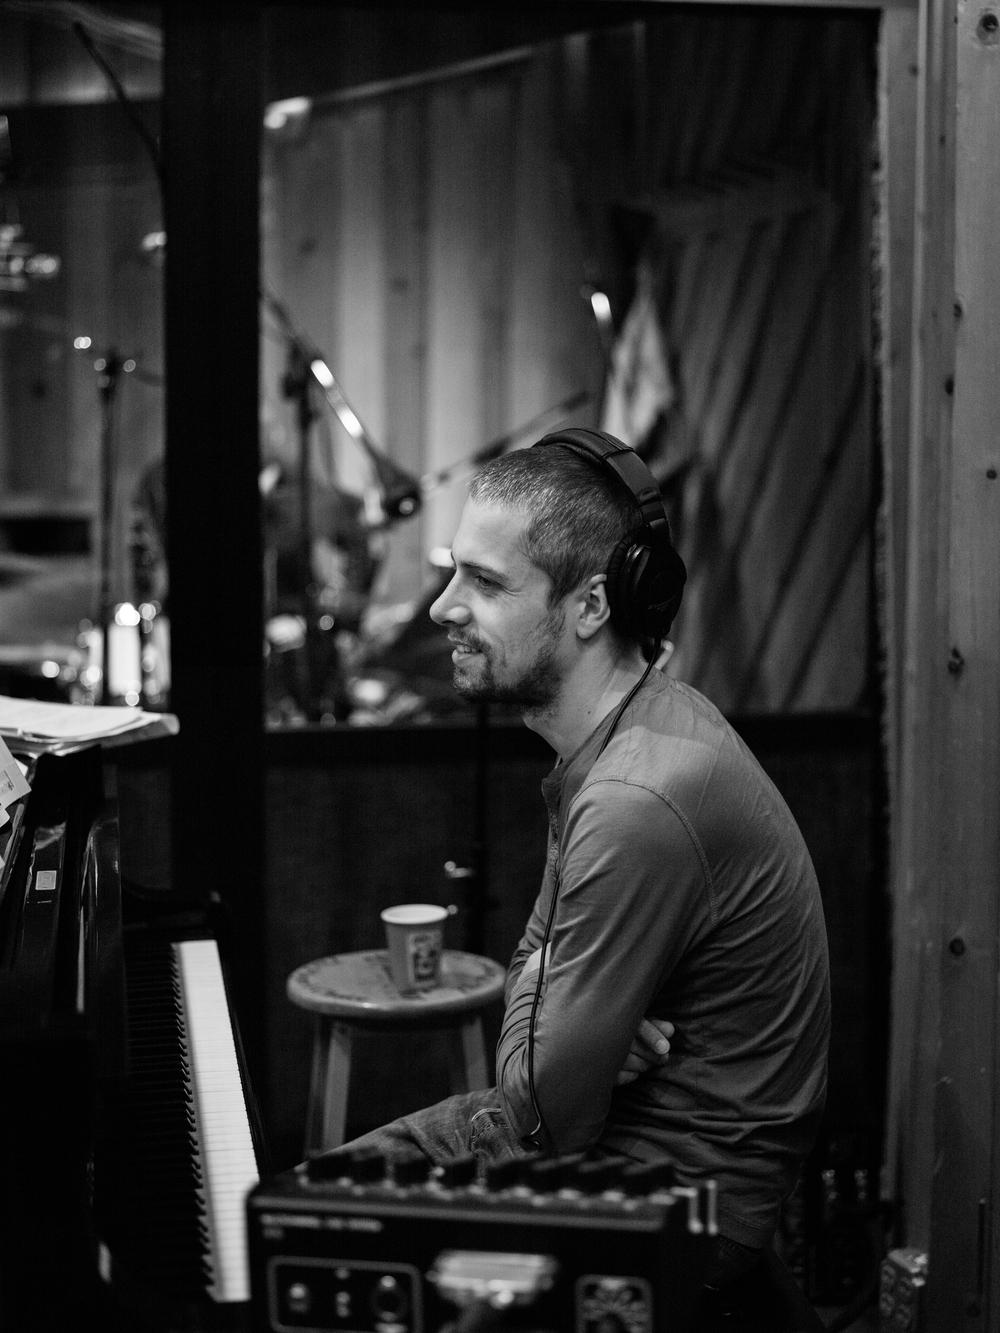 John Escreet, Avatar Studios NYC 2013